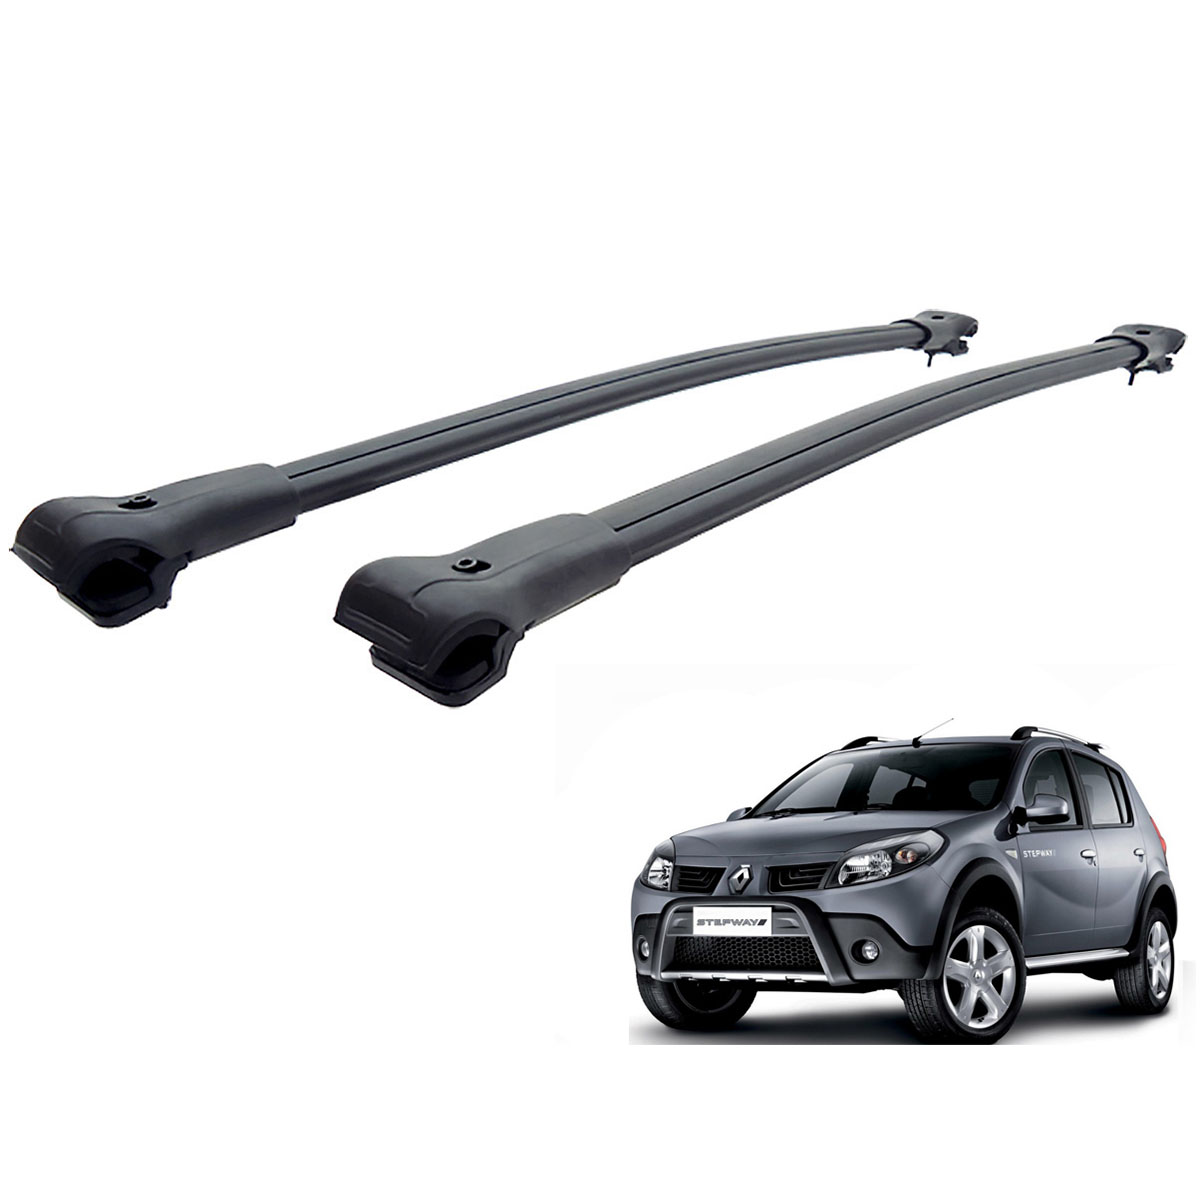 Travessa rack de teto larga preta alumínio Sandero Stepway 2009 a 2014